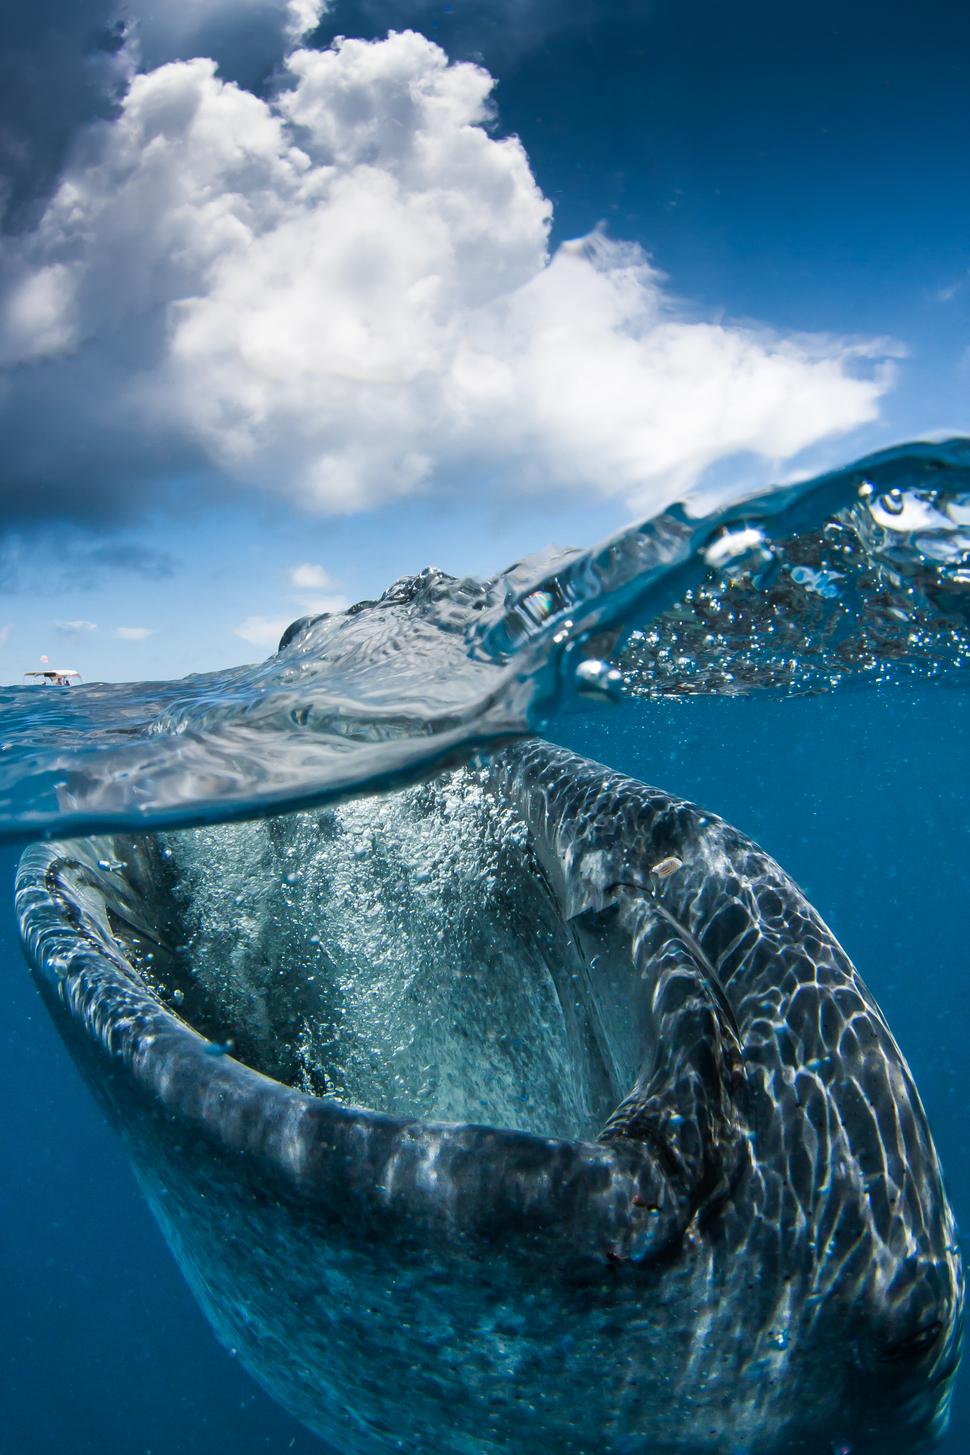 墨西哥 加勒比海 Caribbean Sea, Mexico